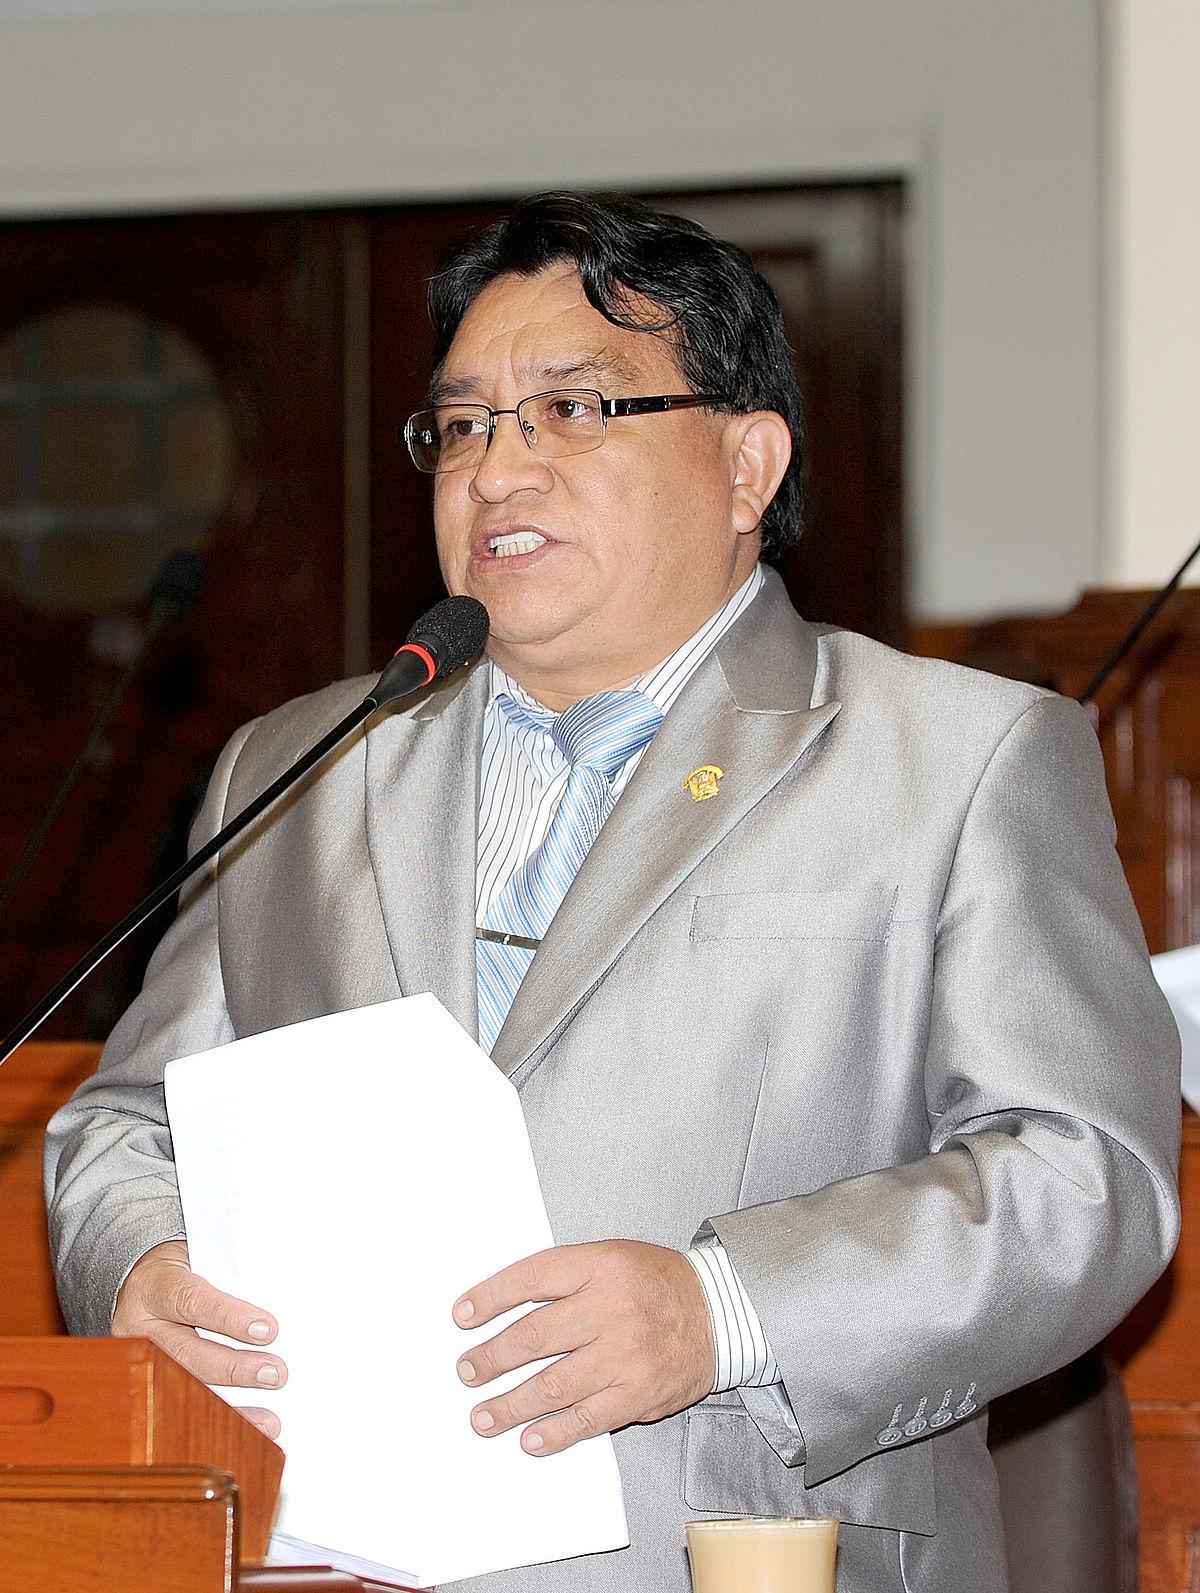 José Luna Gálvez - Wikipedia, la enciclopedia libre